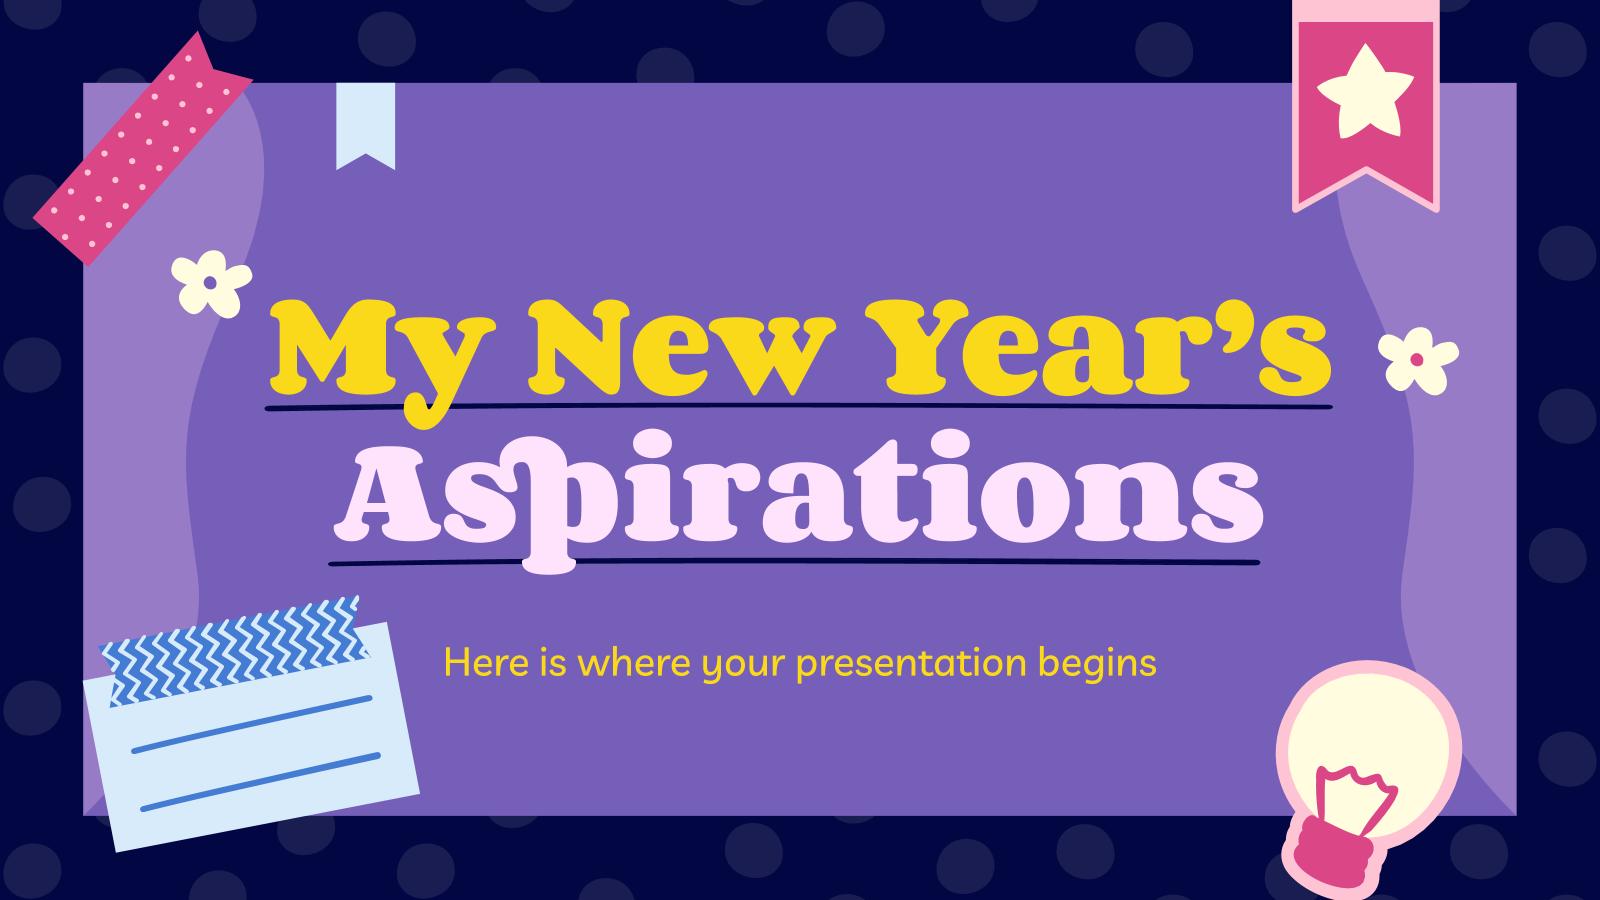 Plantilla de presentación Aspiraciones de Año Nuevo